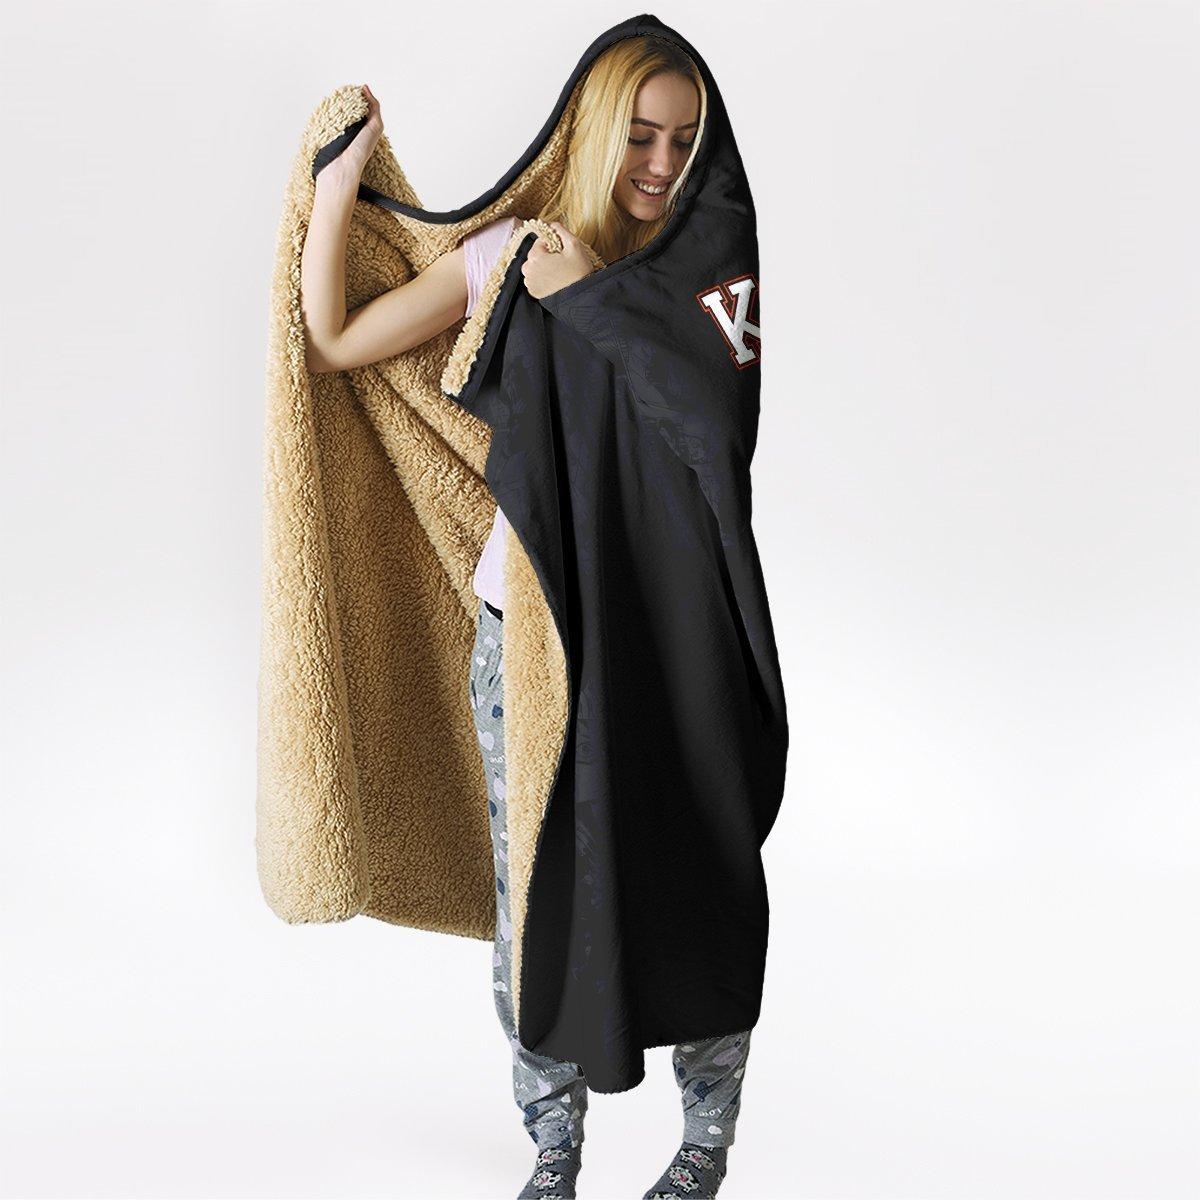 karasuno volleyball club hooded blanket 777266 - Otaku Treat